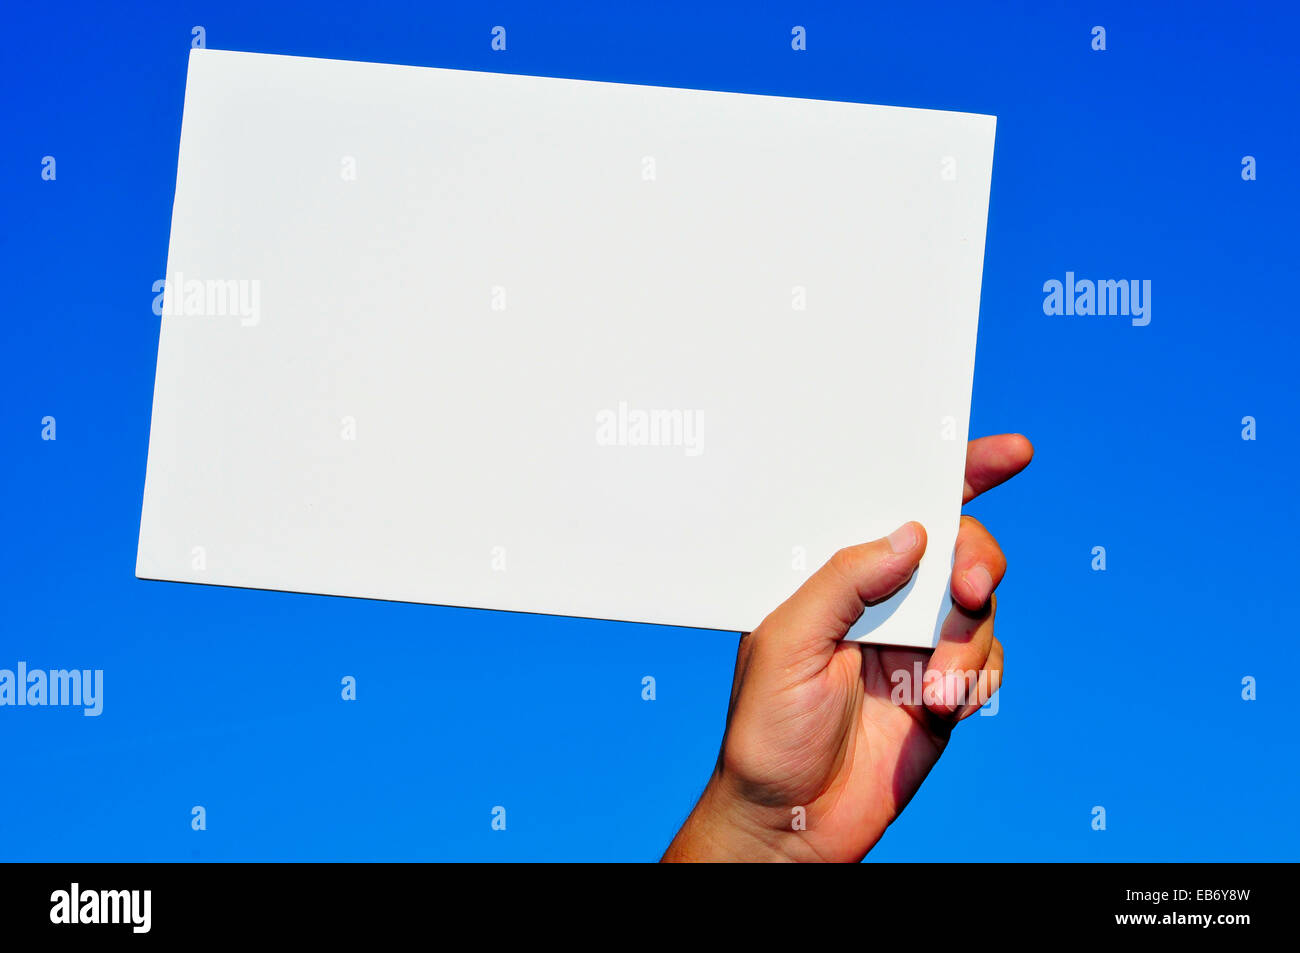 La main d'un homme tenant une pancarte blanche avec une copie-espace sur le ciel bleu Banque D'Images